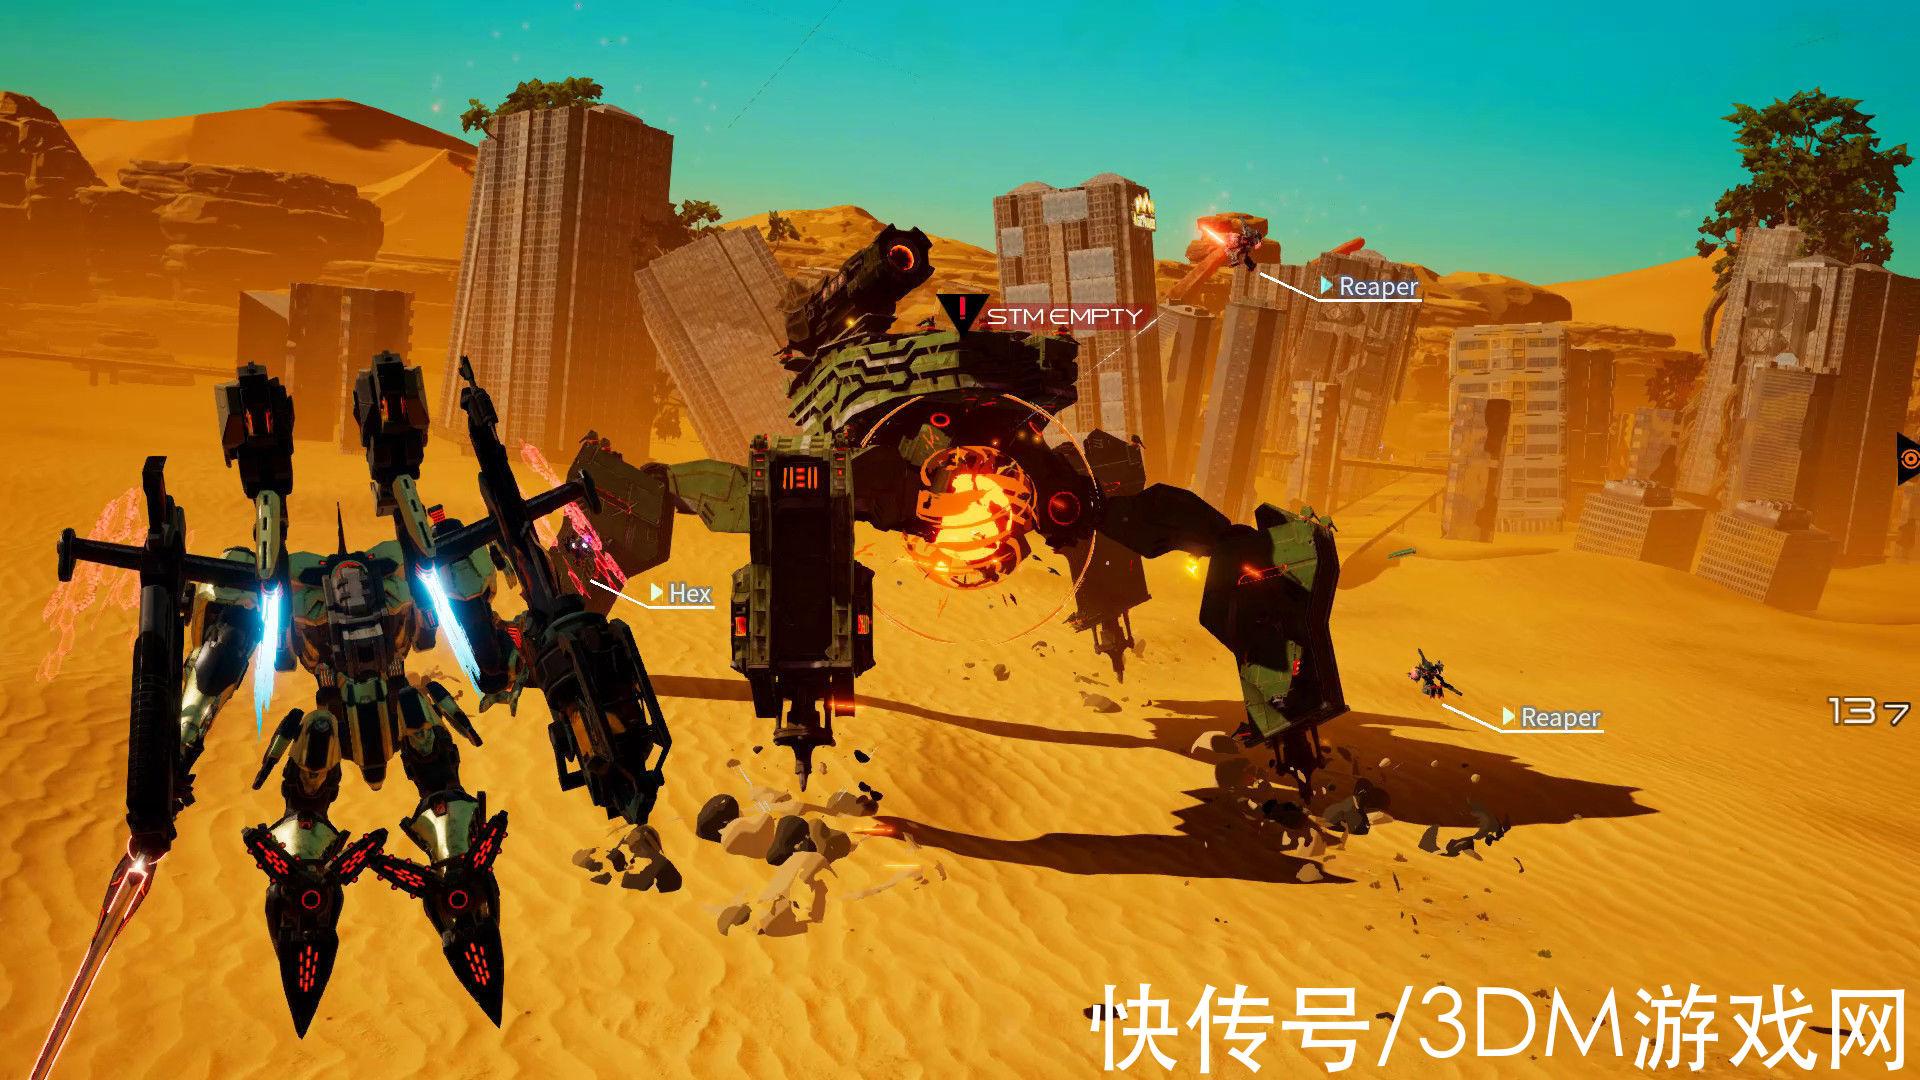 射击游戏 《机甲战魔》制作人正式确定开发续作